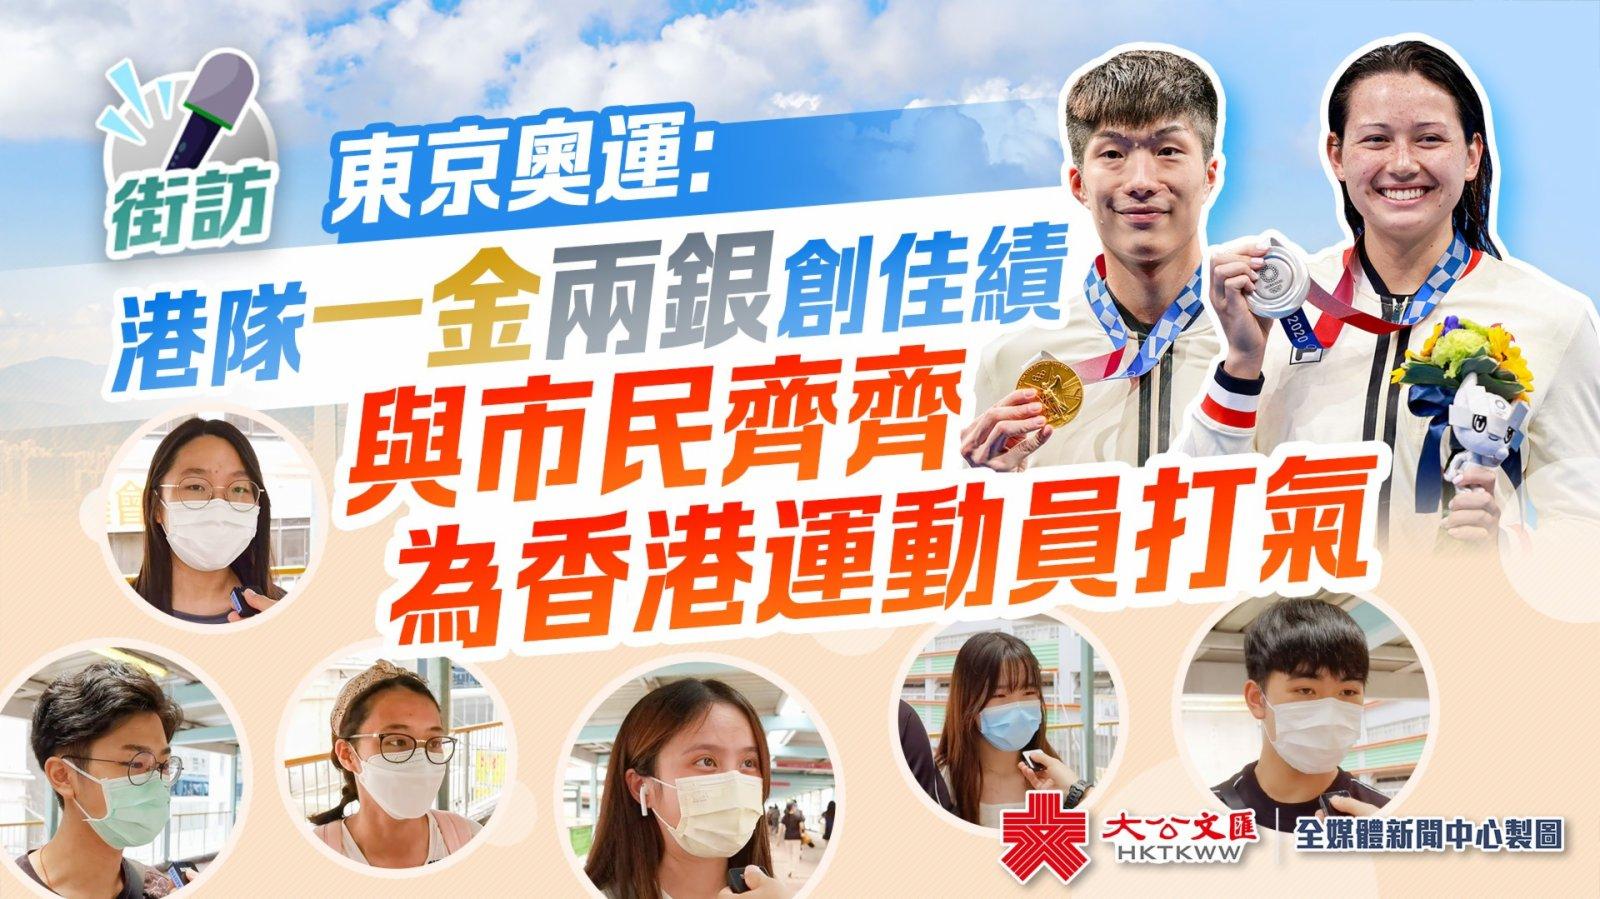 街訪|東京奧運:港隊一金兩銀創佳績 與市民齊齊為香港運動員打氣